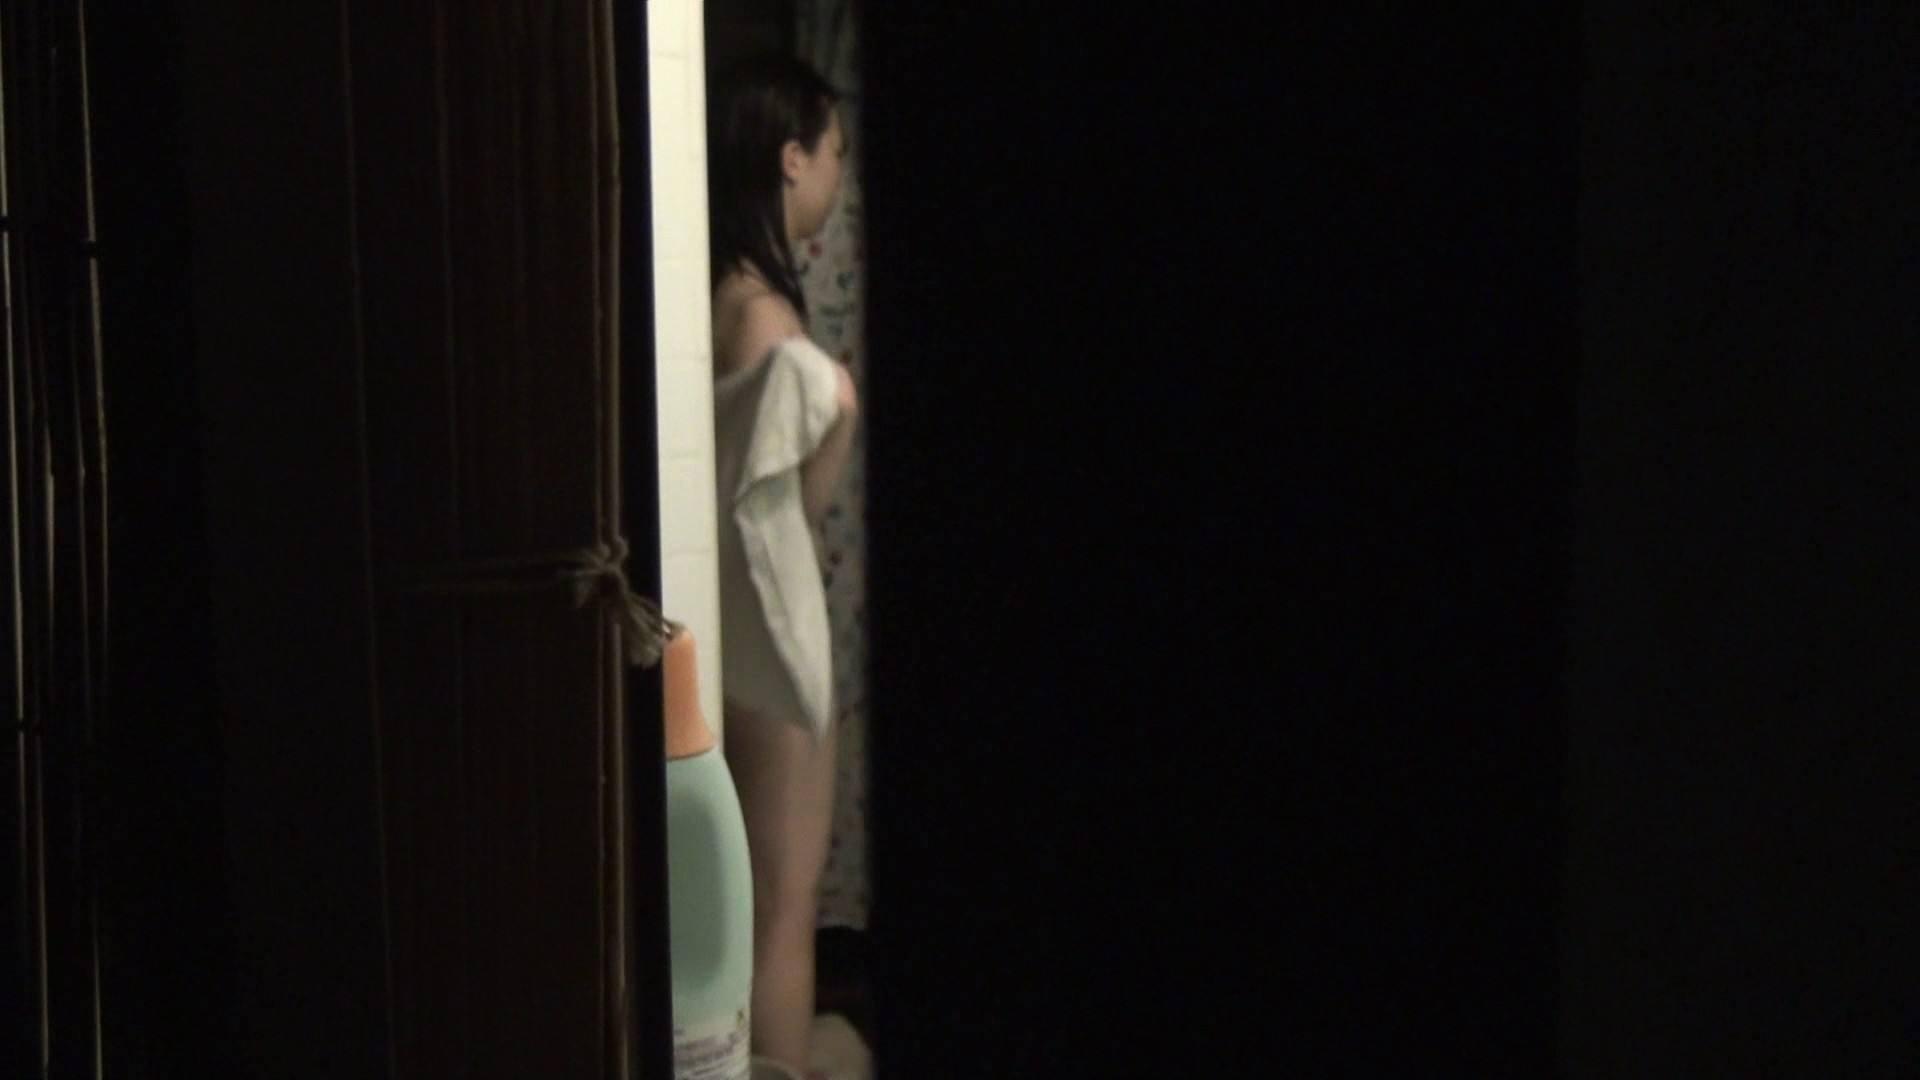 vol.06顔を洗い流す極上お女市さんの裸体をハイビジョンで!風呂上り着替え必見! 裸体  84pic 40